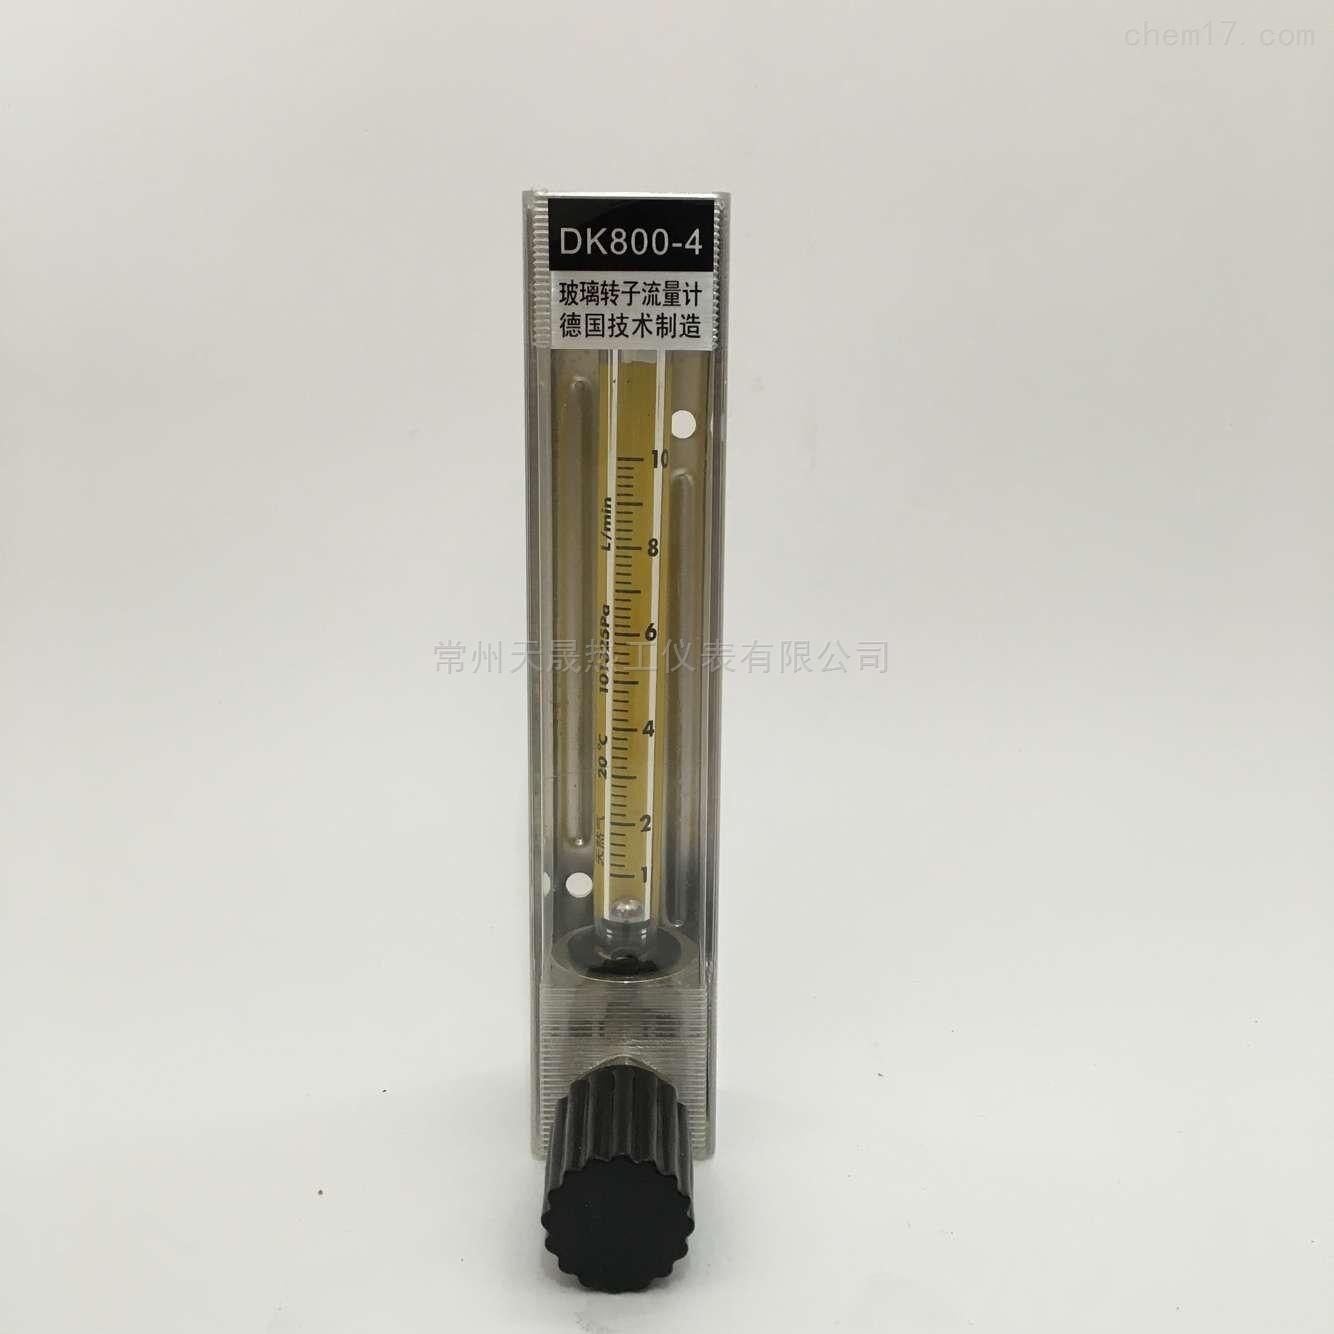 DK800玻璃转子流量计选型